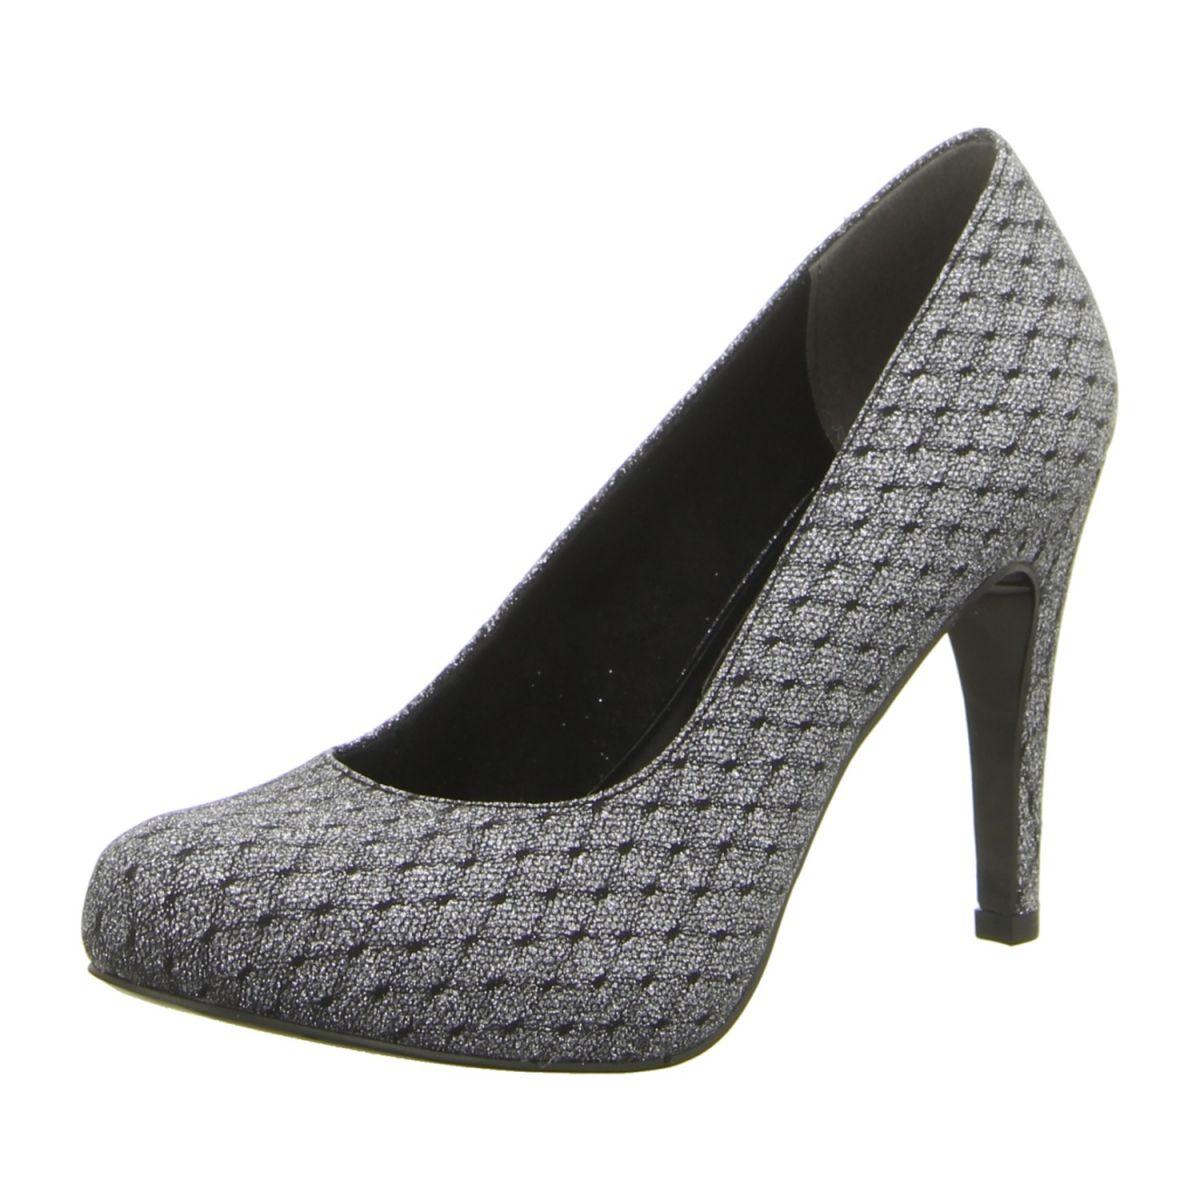 NEU: Tamaris High Heels 1 1 22459 27 916 pewter glam st